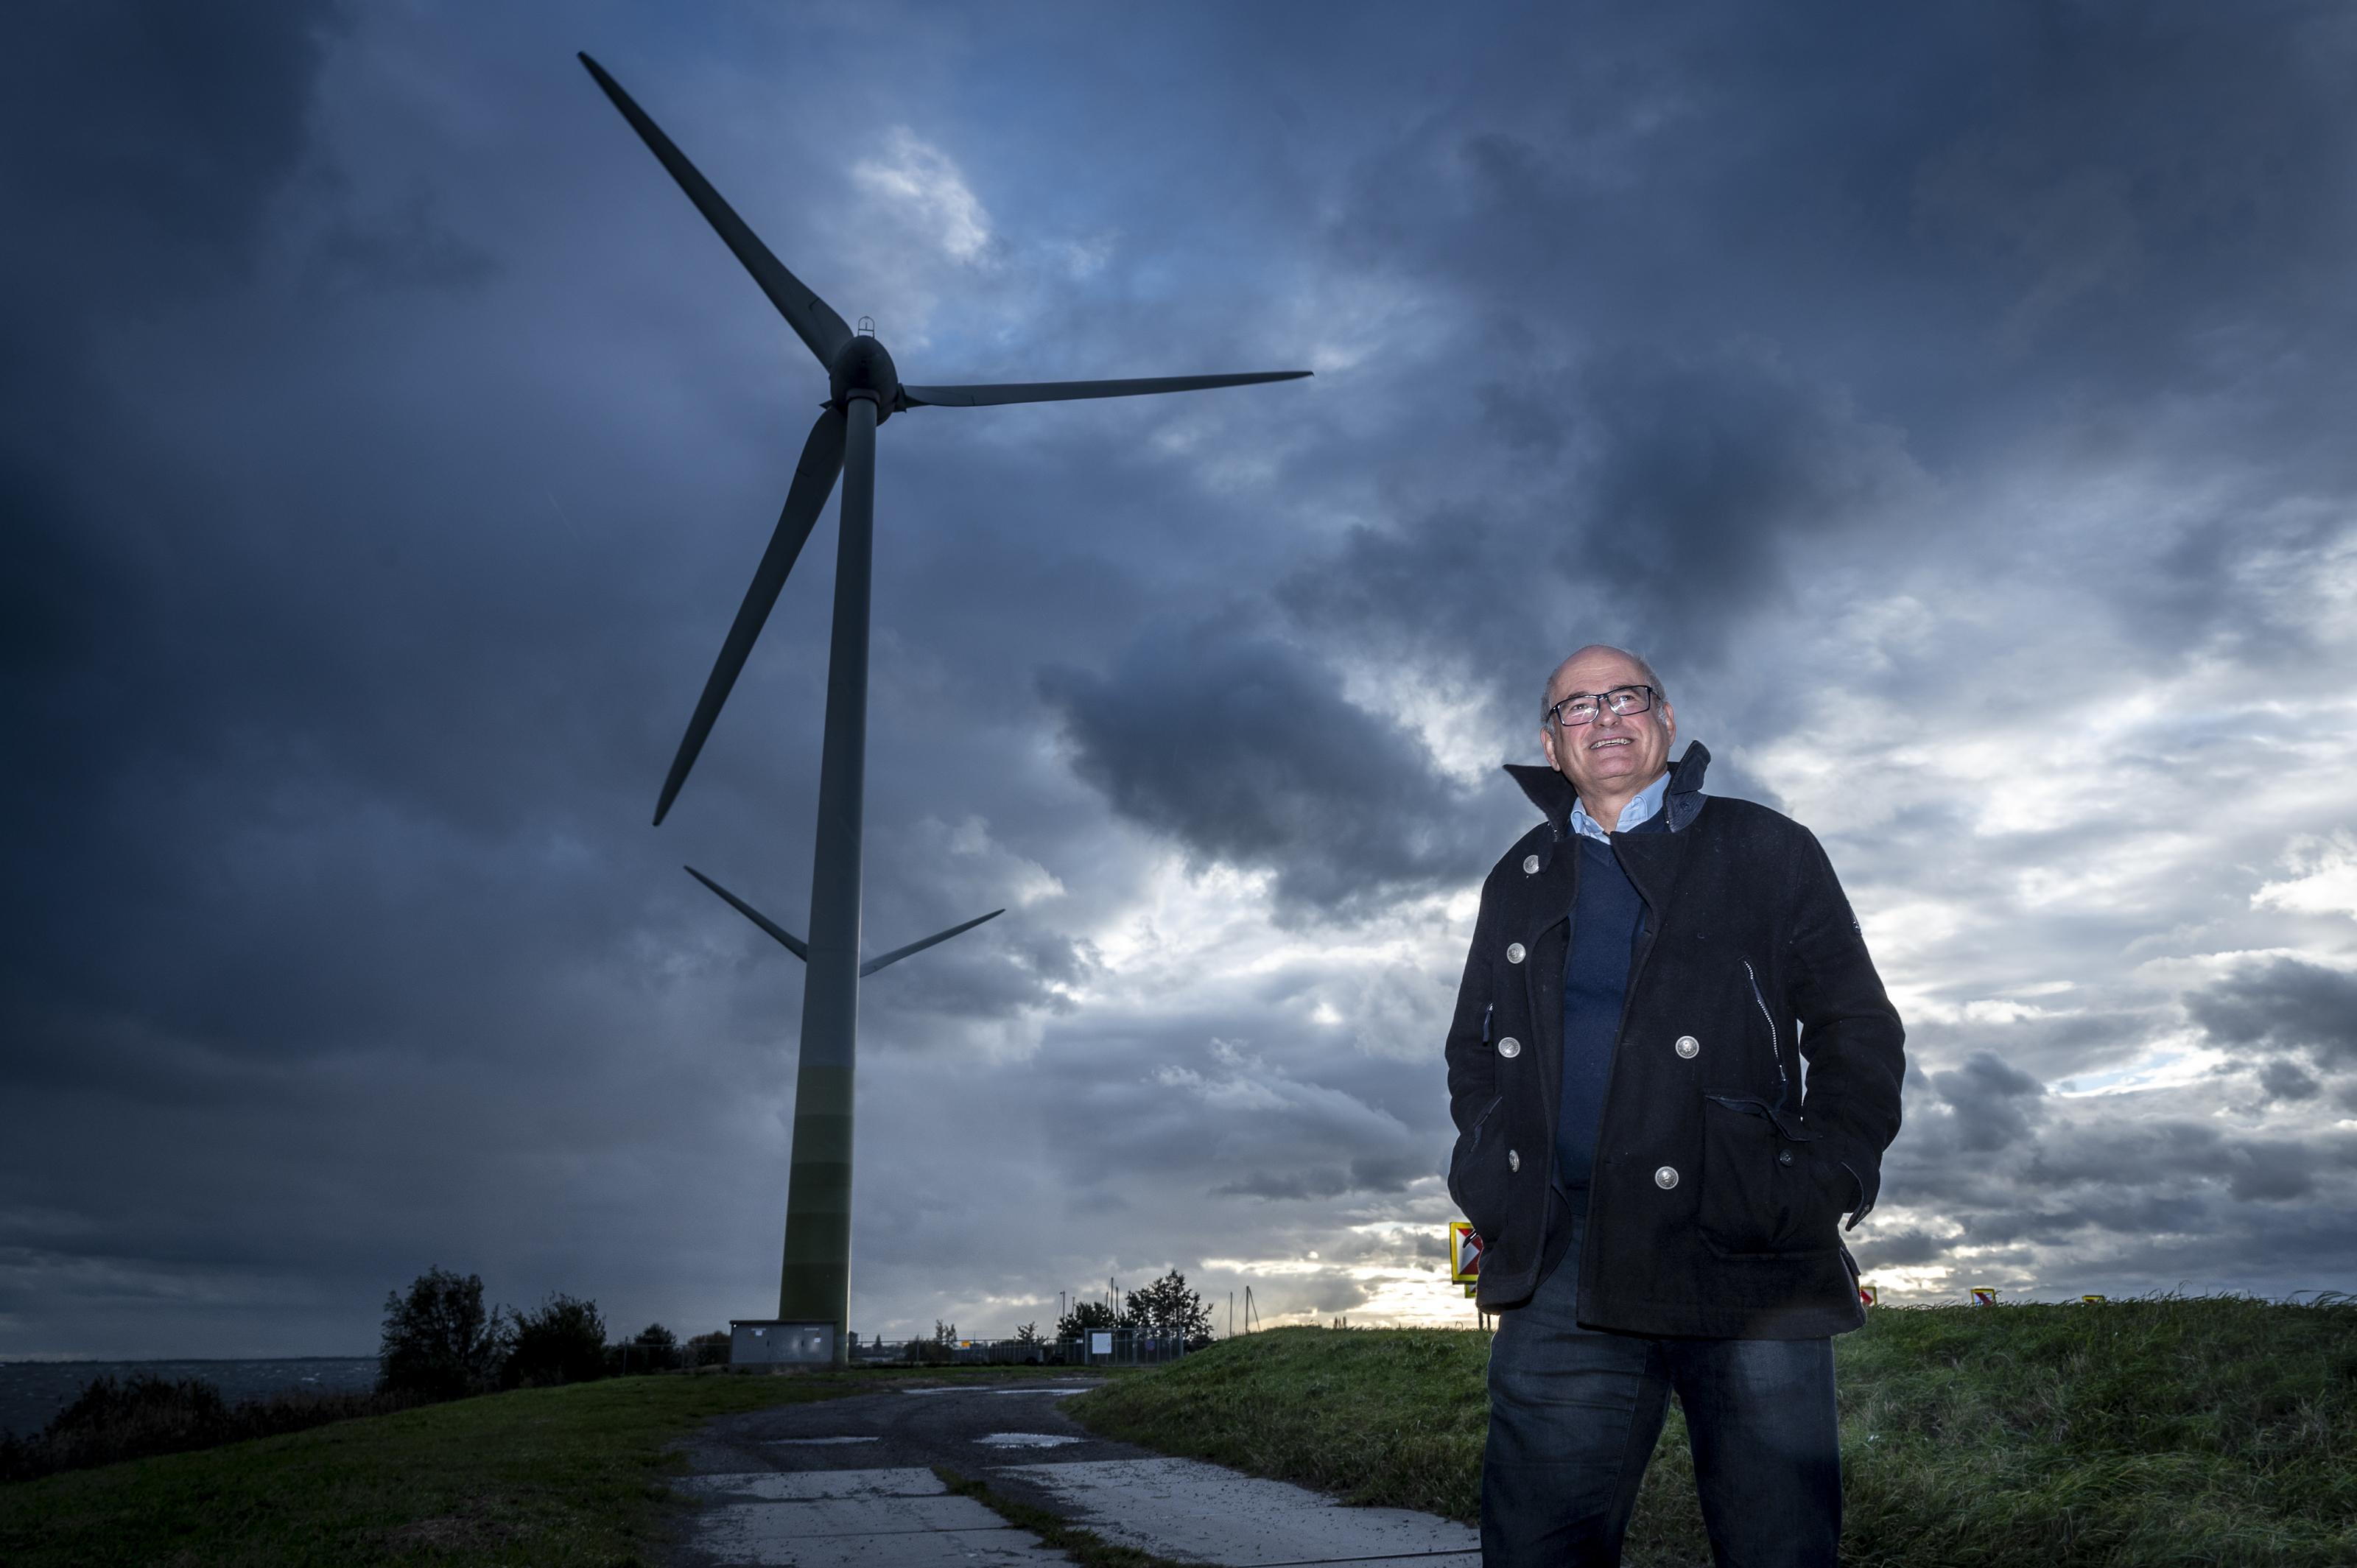 Opgestapte wethouder Bas ten Have van Waterland: 'Ik wil me nergens achter verschuilen, ik heb het zelf gewoon niet goed gedaan'